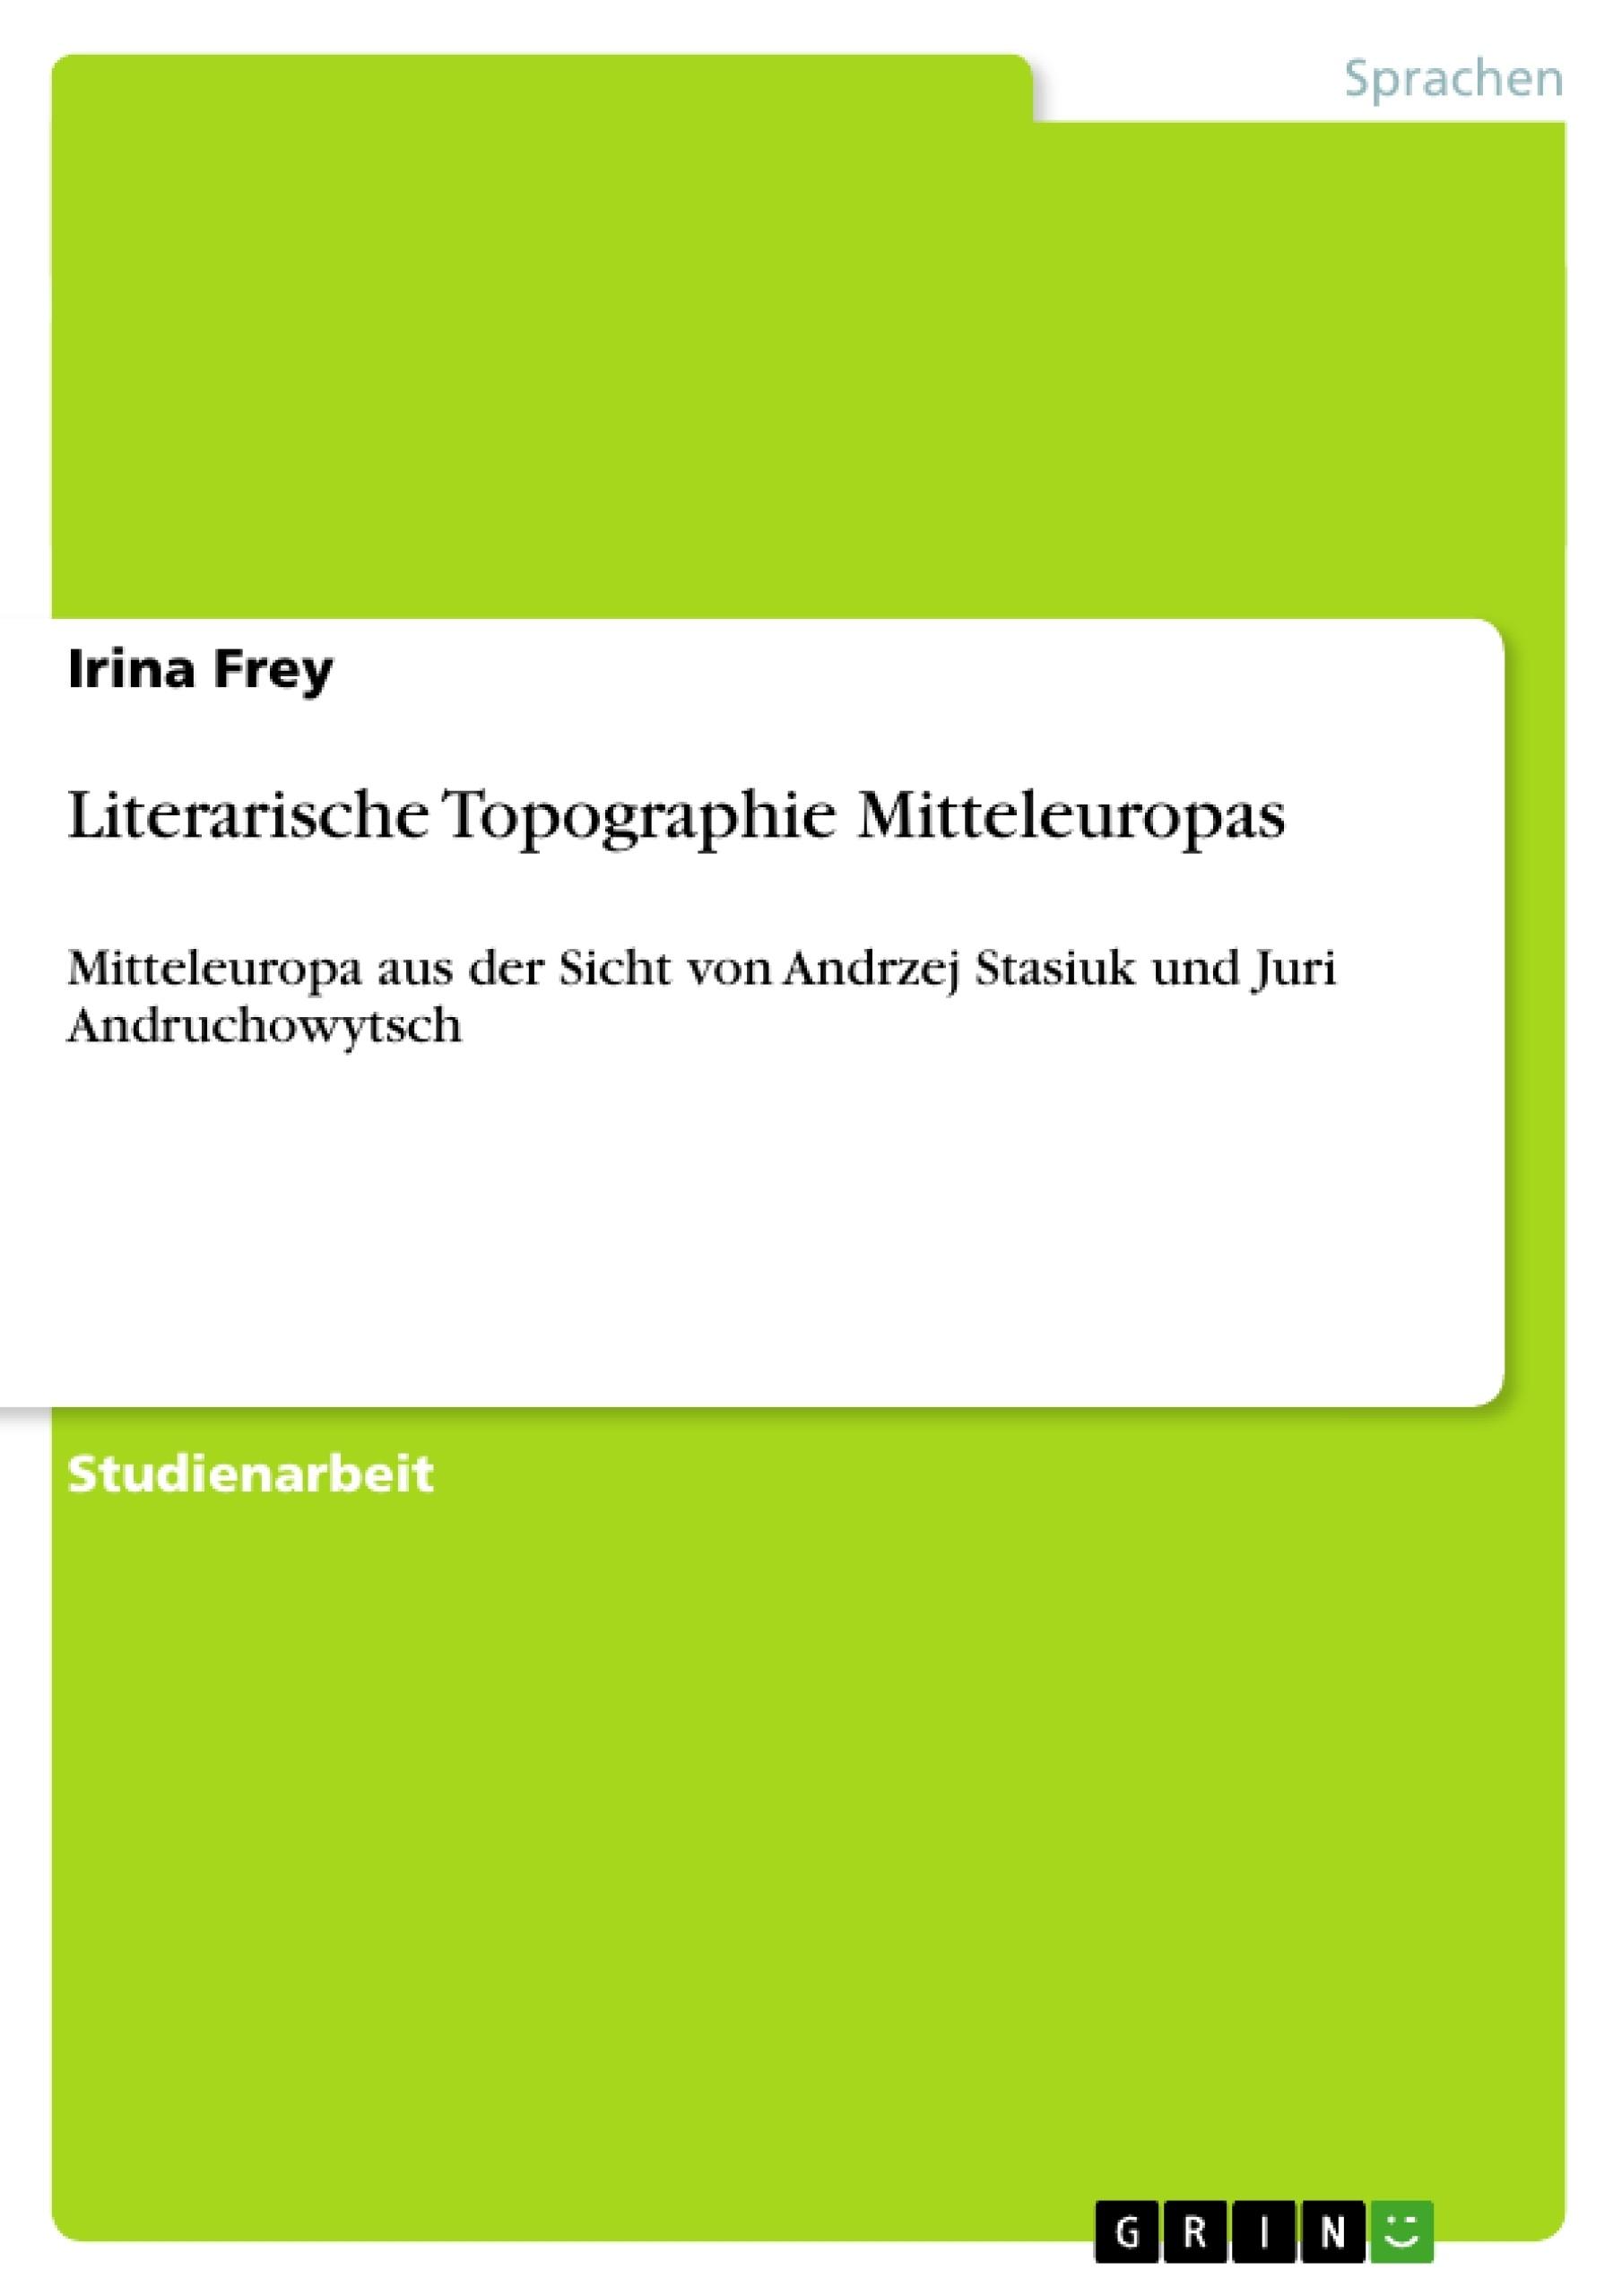 Titel: Literarische Topographie Mitteleuropas